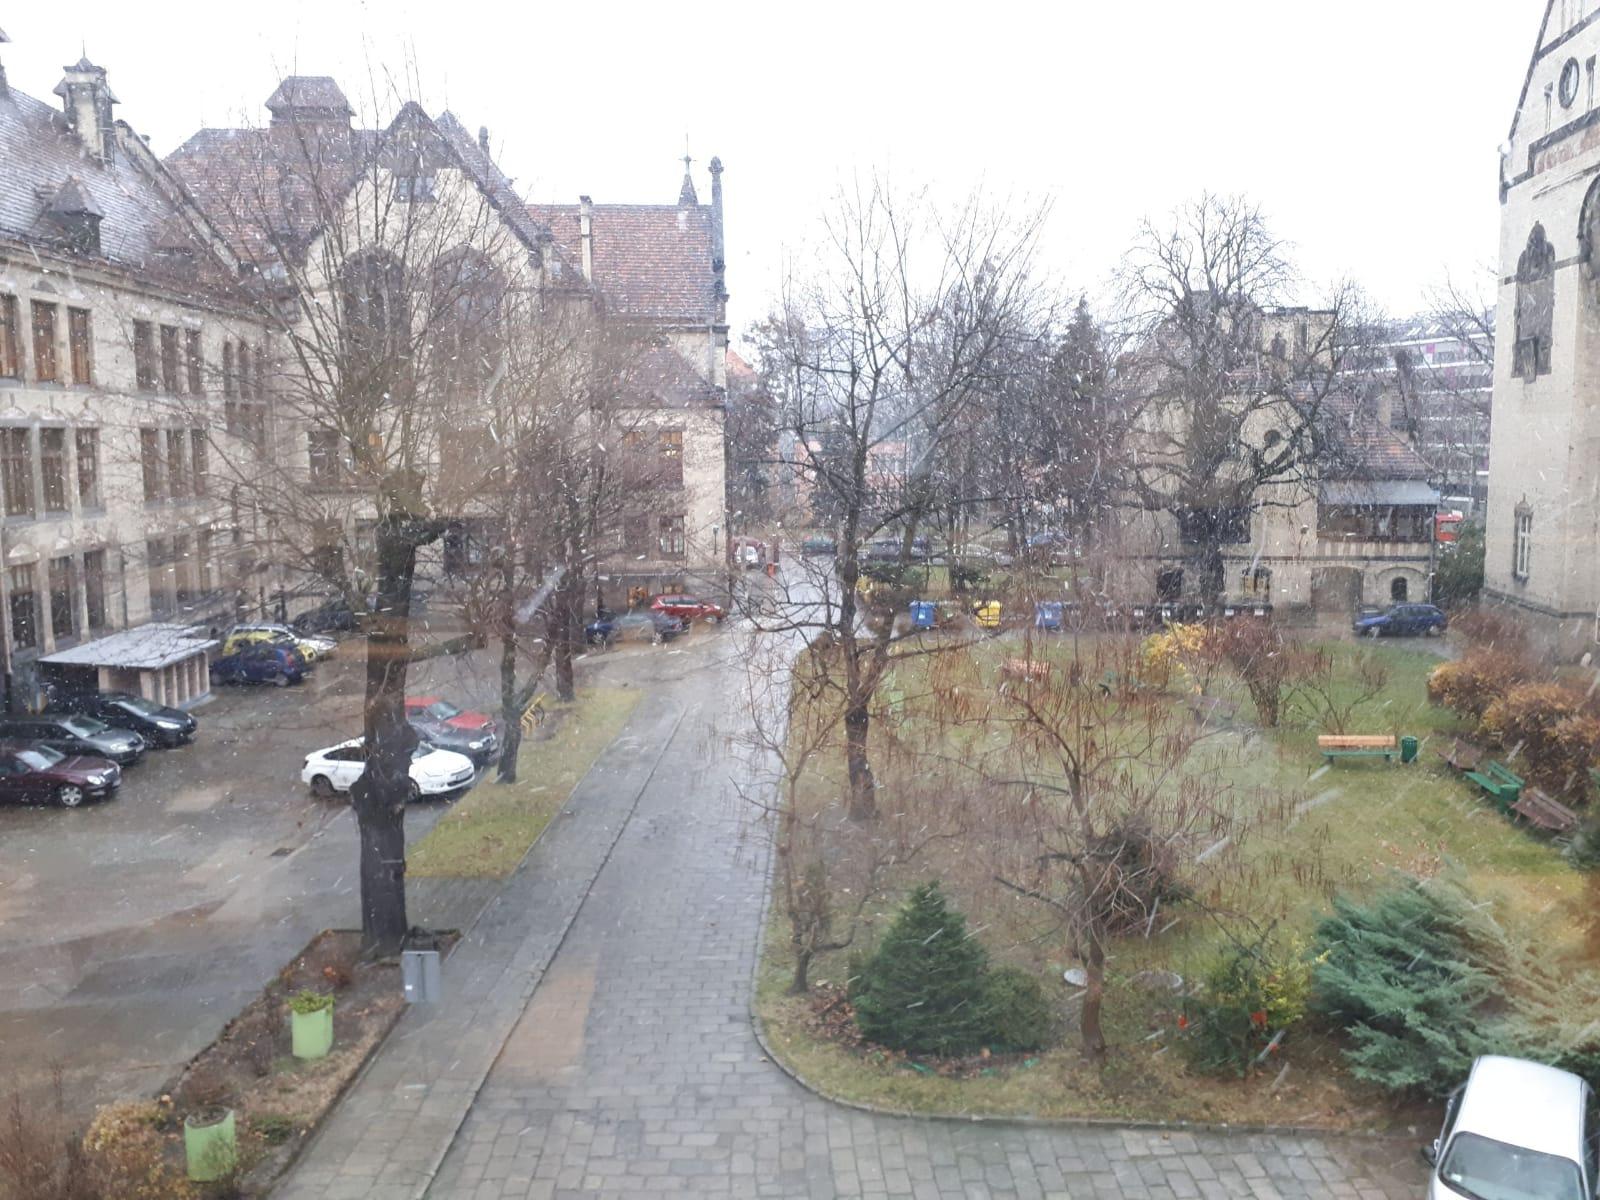 منظره یک روز برفی، دفتر کارم در وراتساوا، لهستان